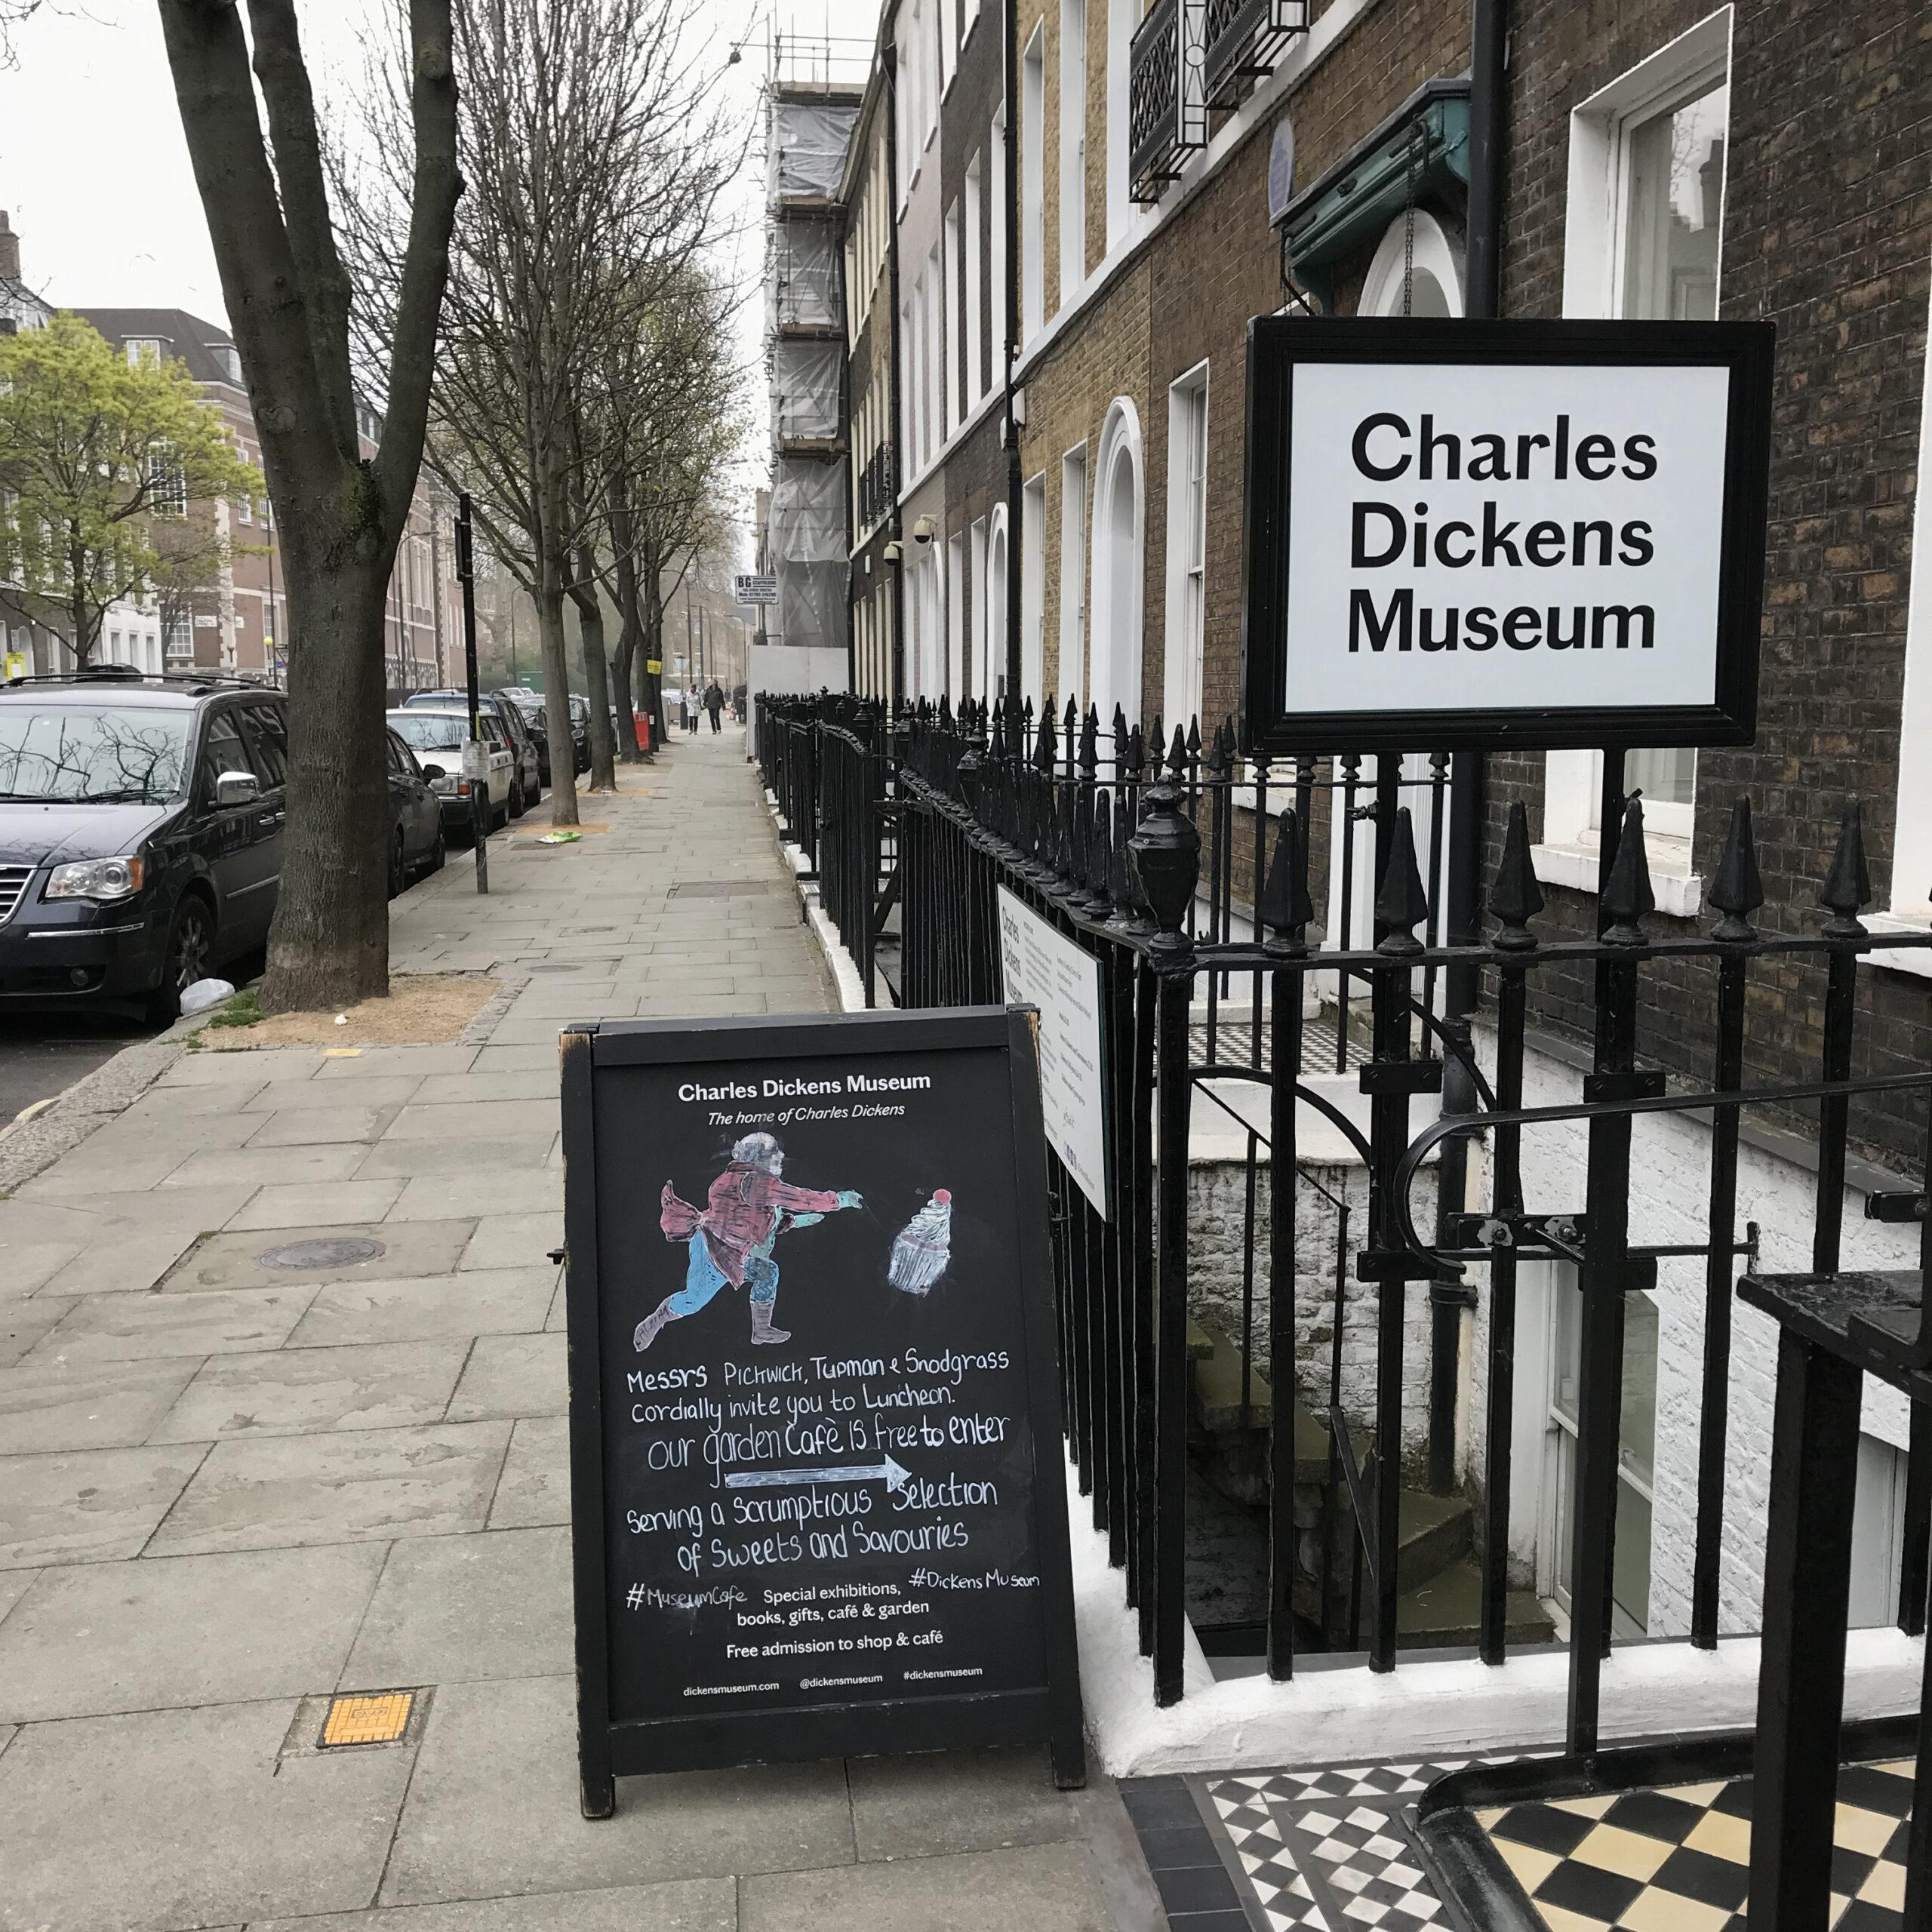 チャールズディケンズ博物館